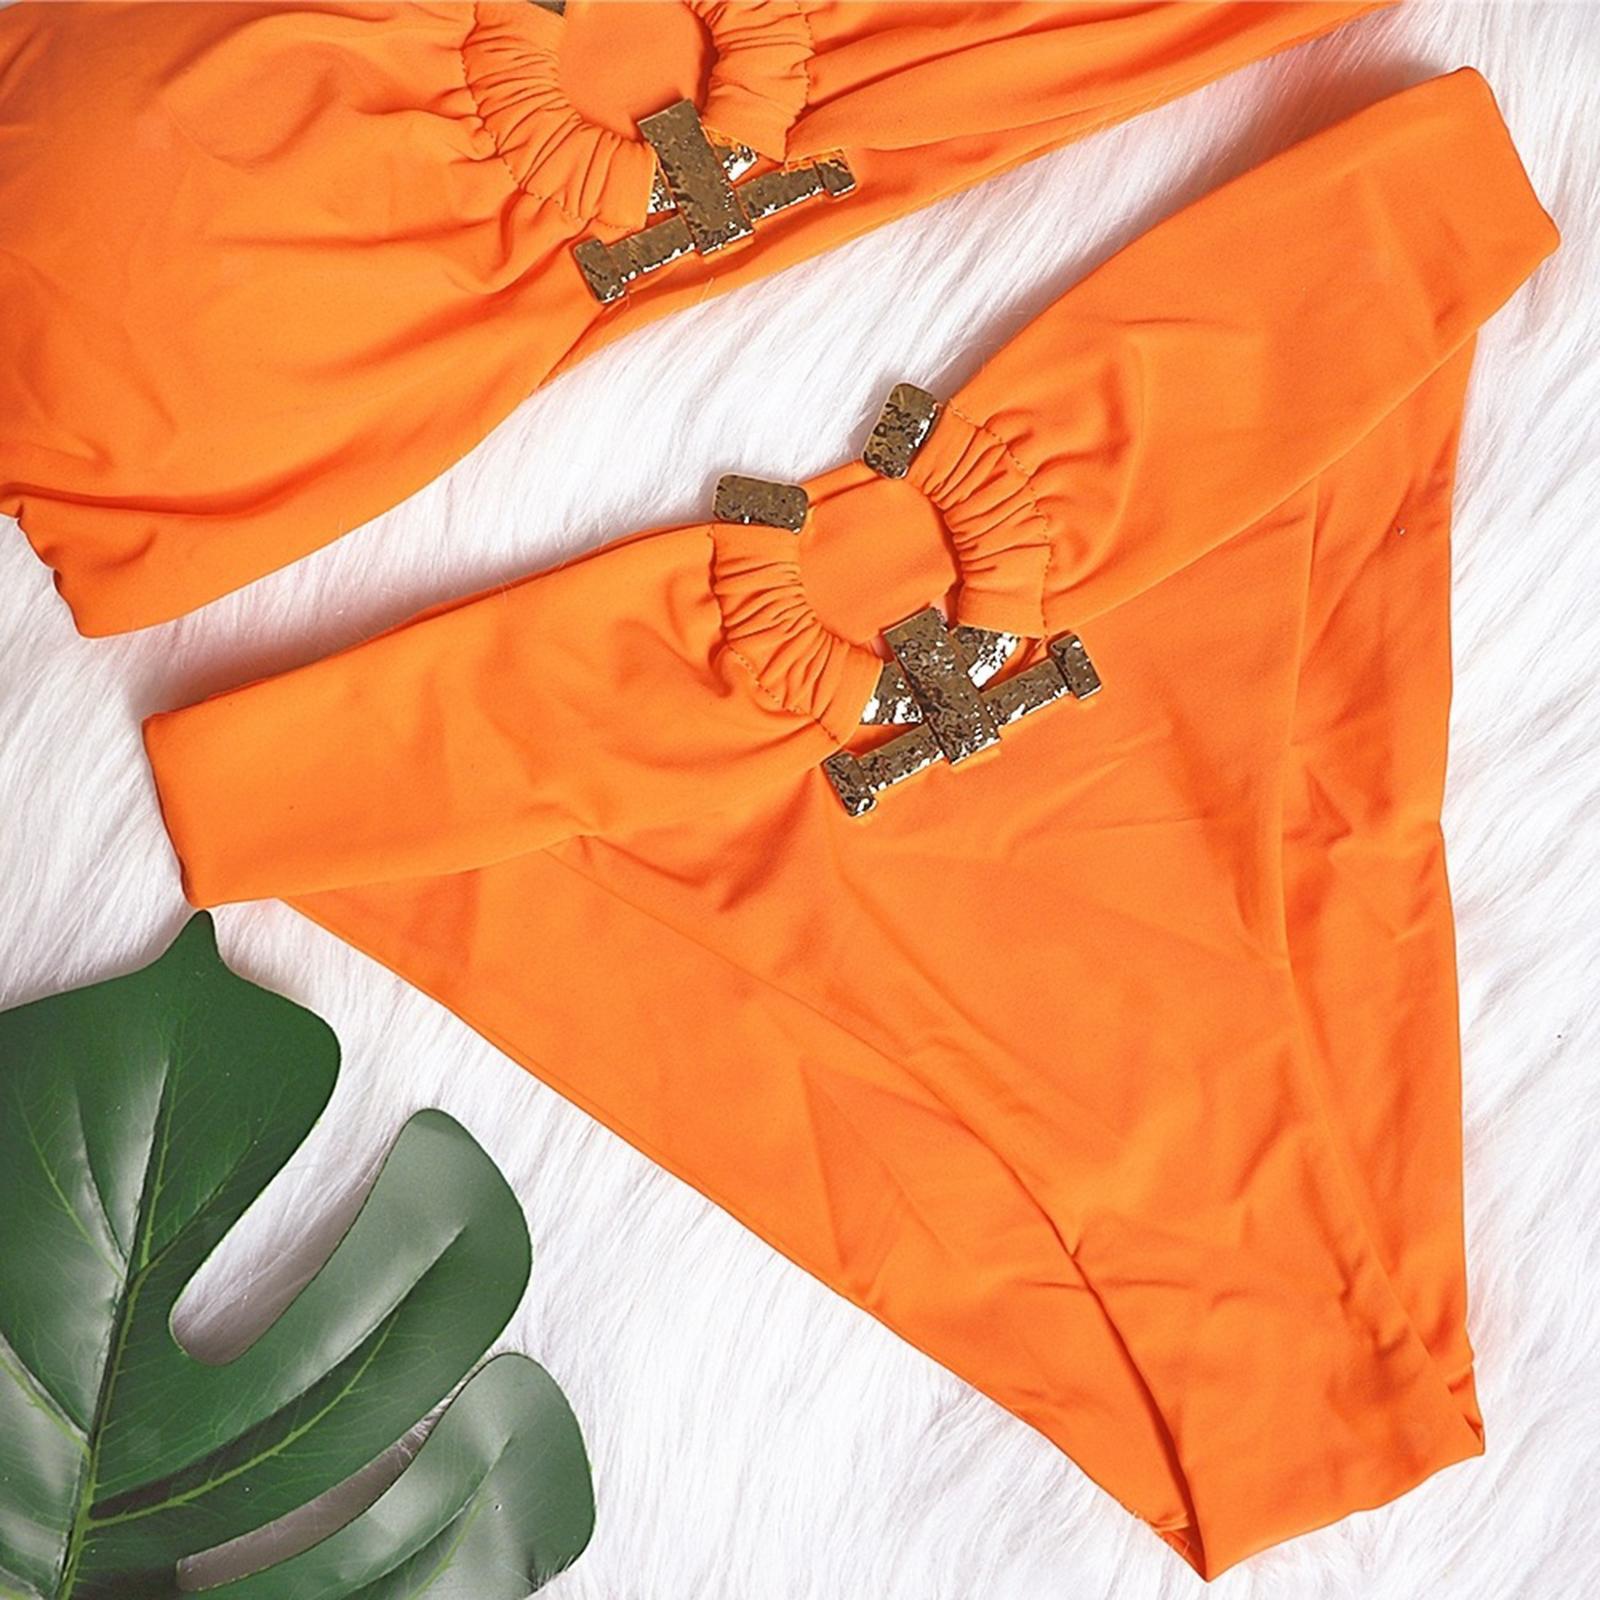 Indexbild 95 - Zwei Stücke Bikini Set Strappy Bademode Party Badeanzug Tankini Bademode